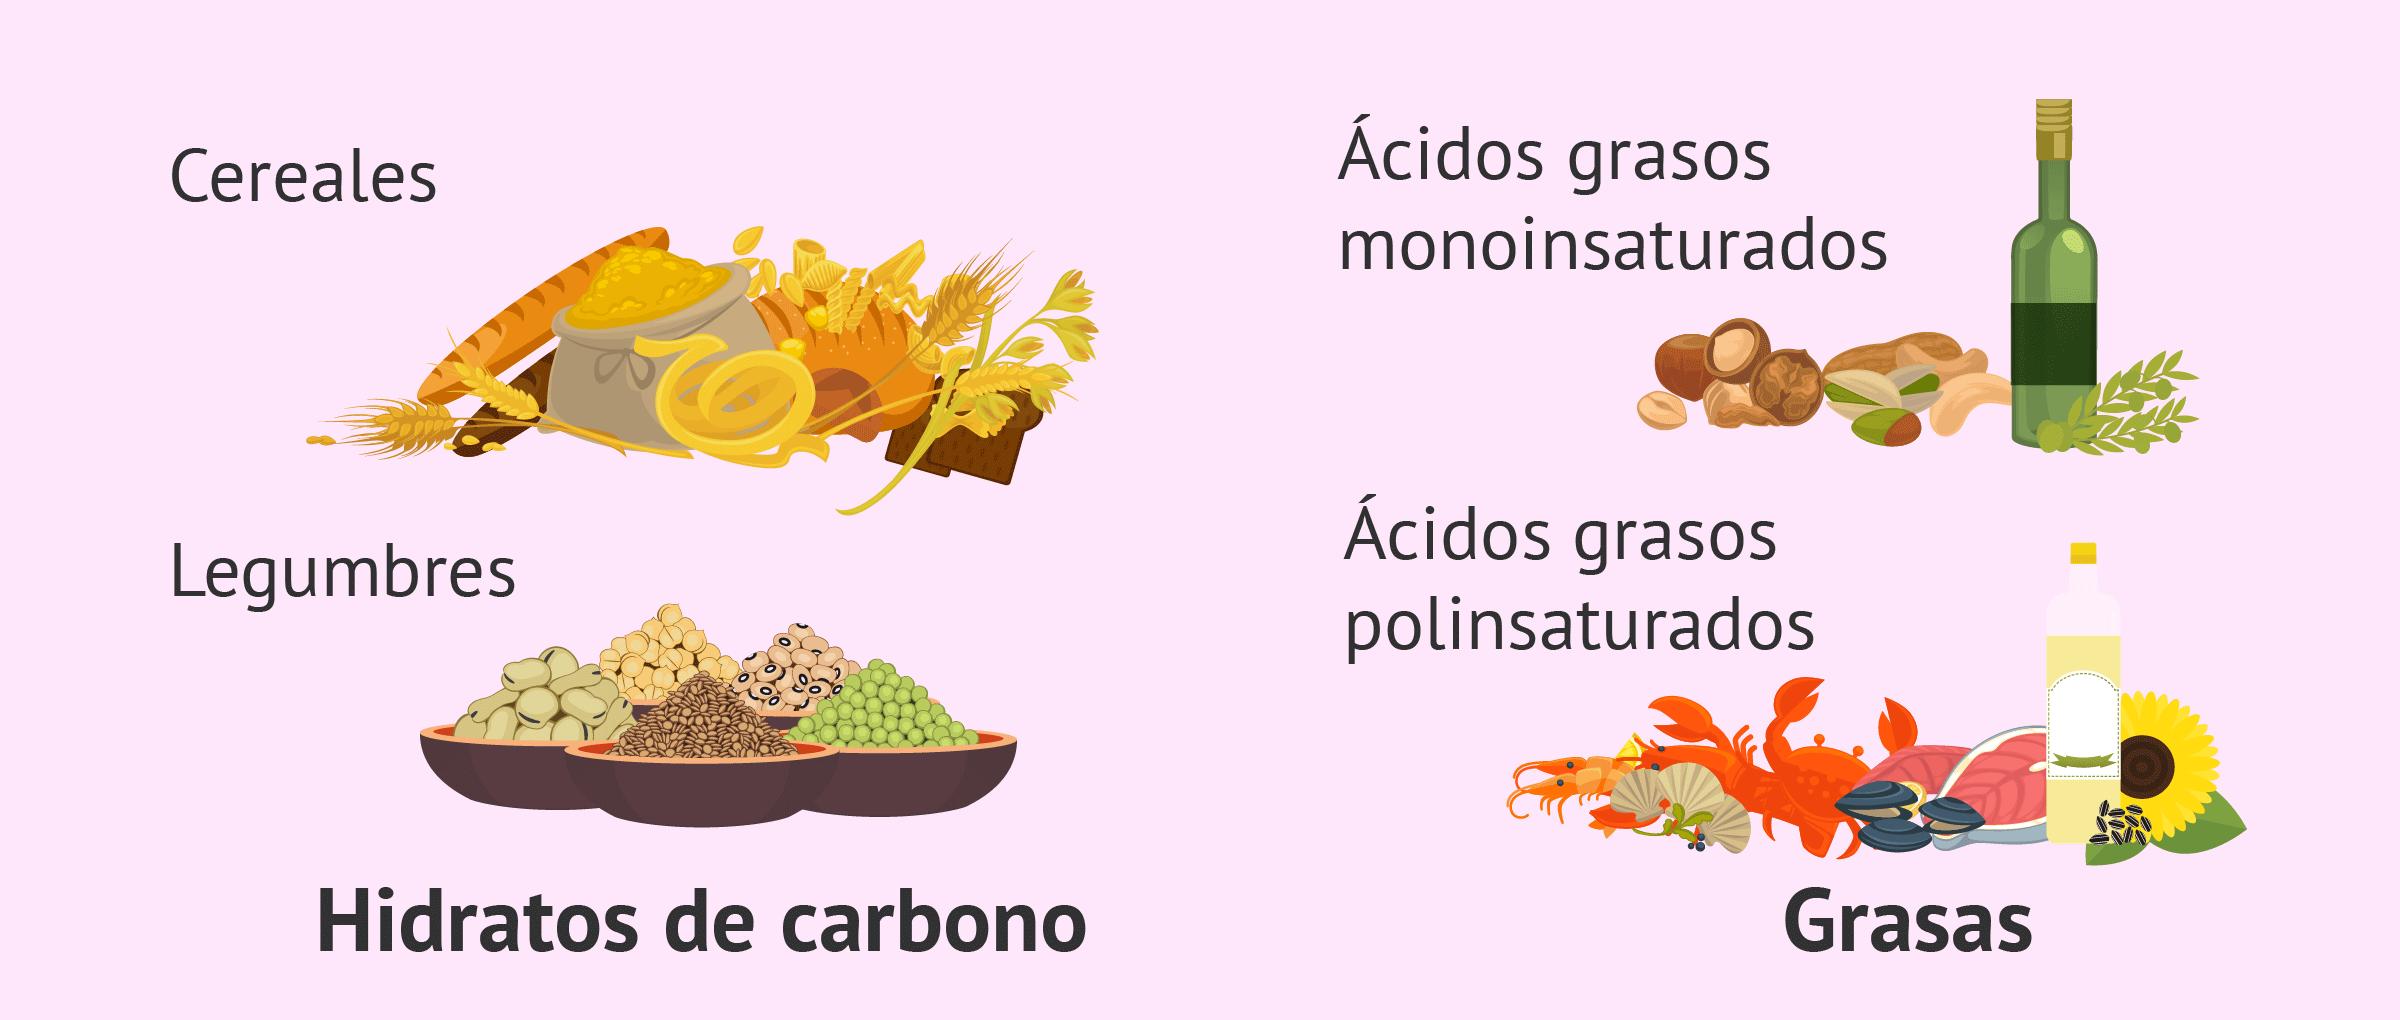 Dieta equilibrada con hidratos de carbono y grasas